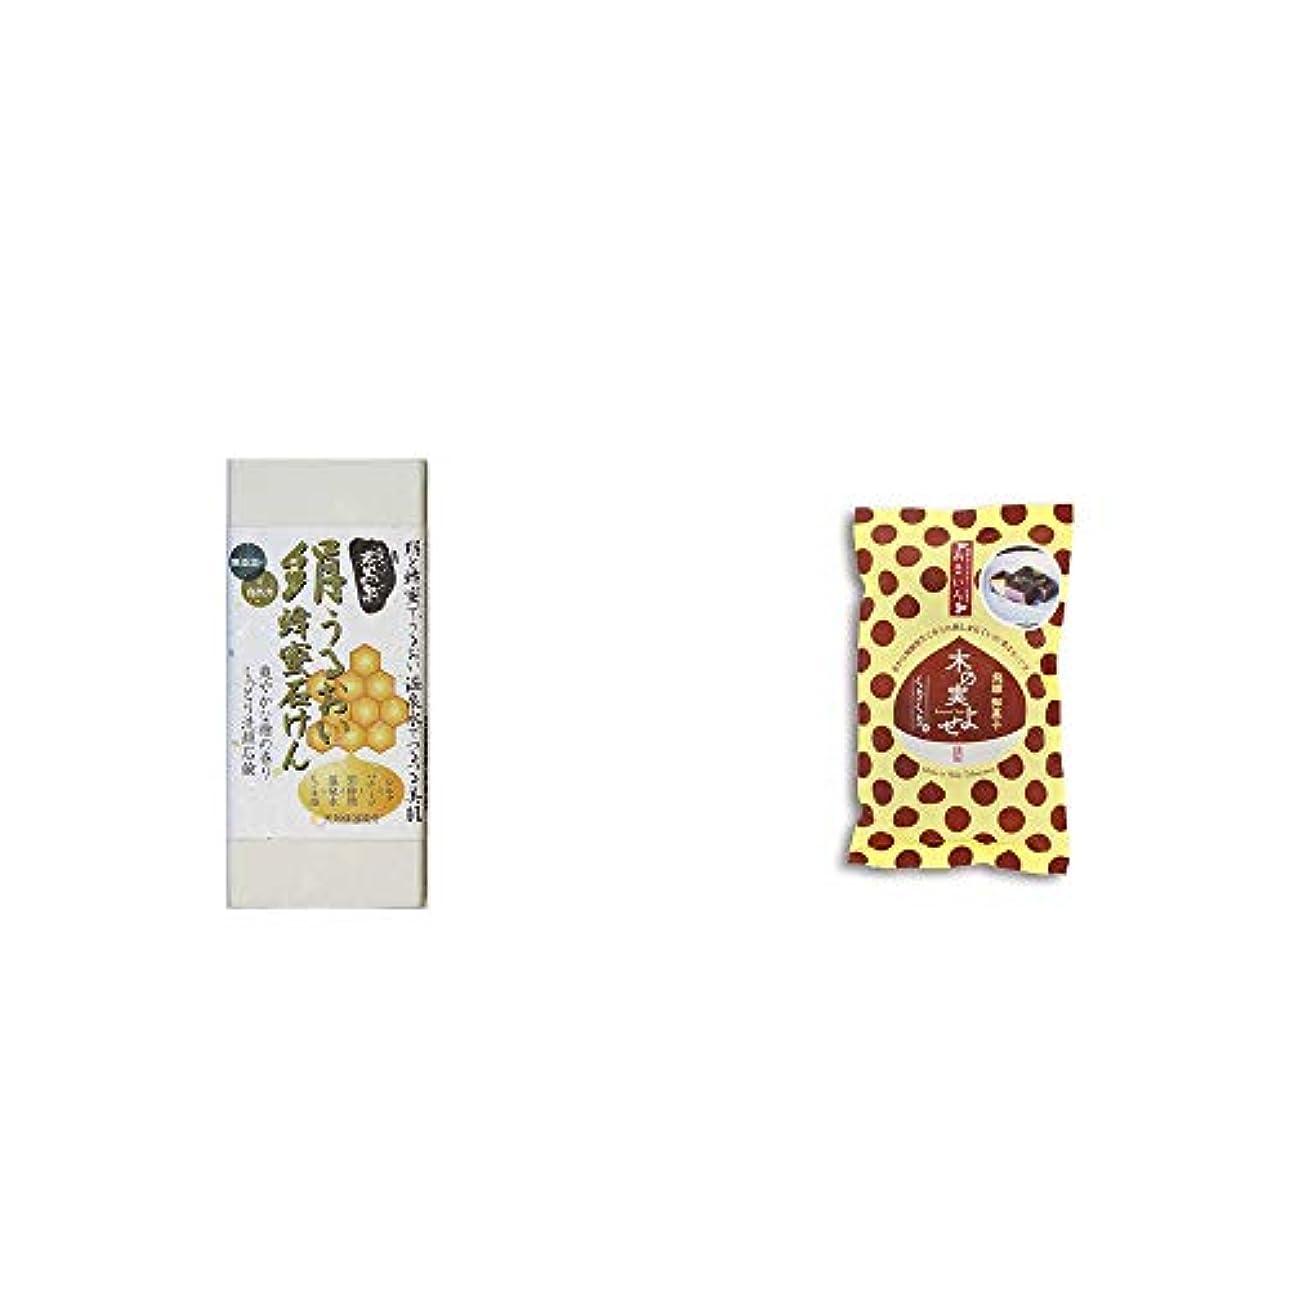 パイプ北東普通に[2点セット] ひのき炭黒泉 絹うるおい蜂蜜石けん(75g×2)?木の実よせ くりくり味(5個入)